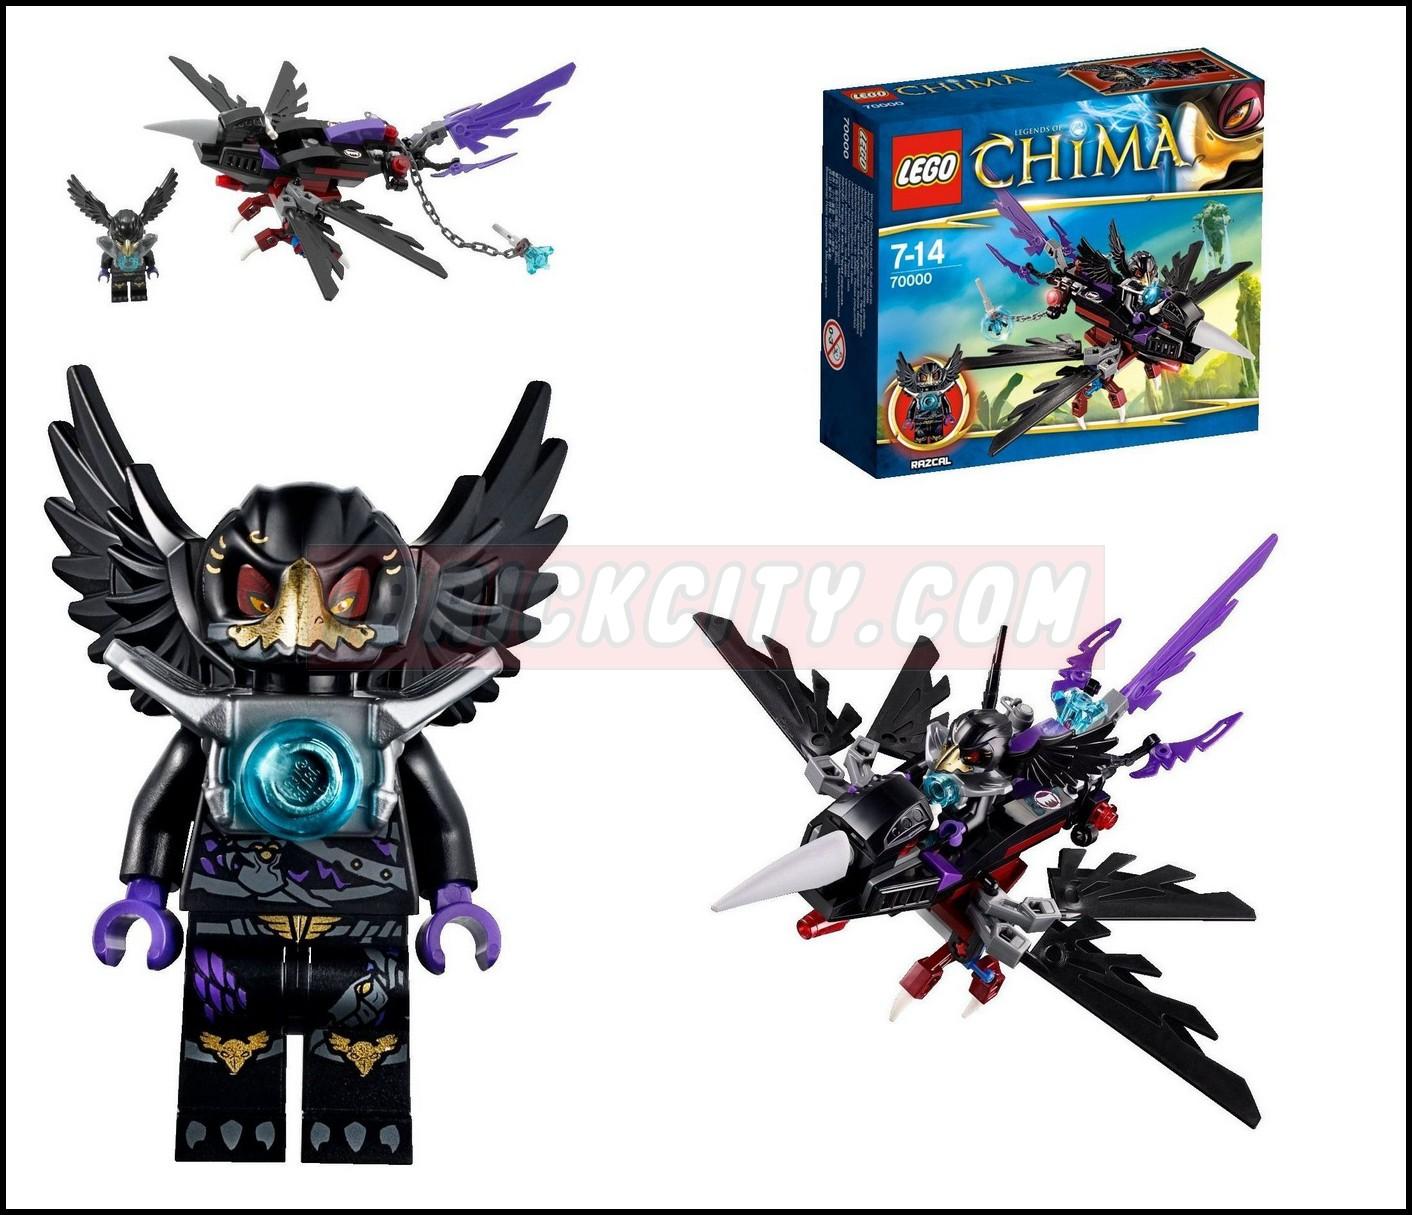 Lego Chima Ravens Lego Chima Set 70000